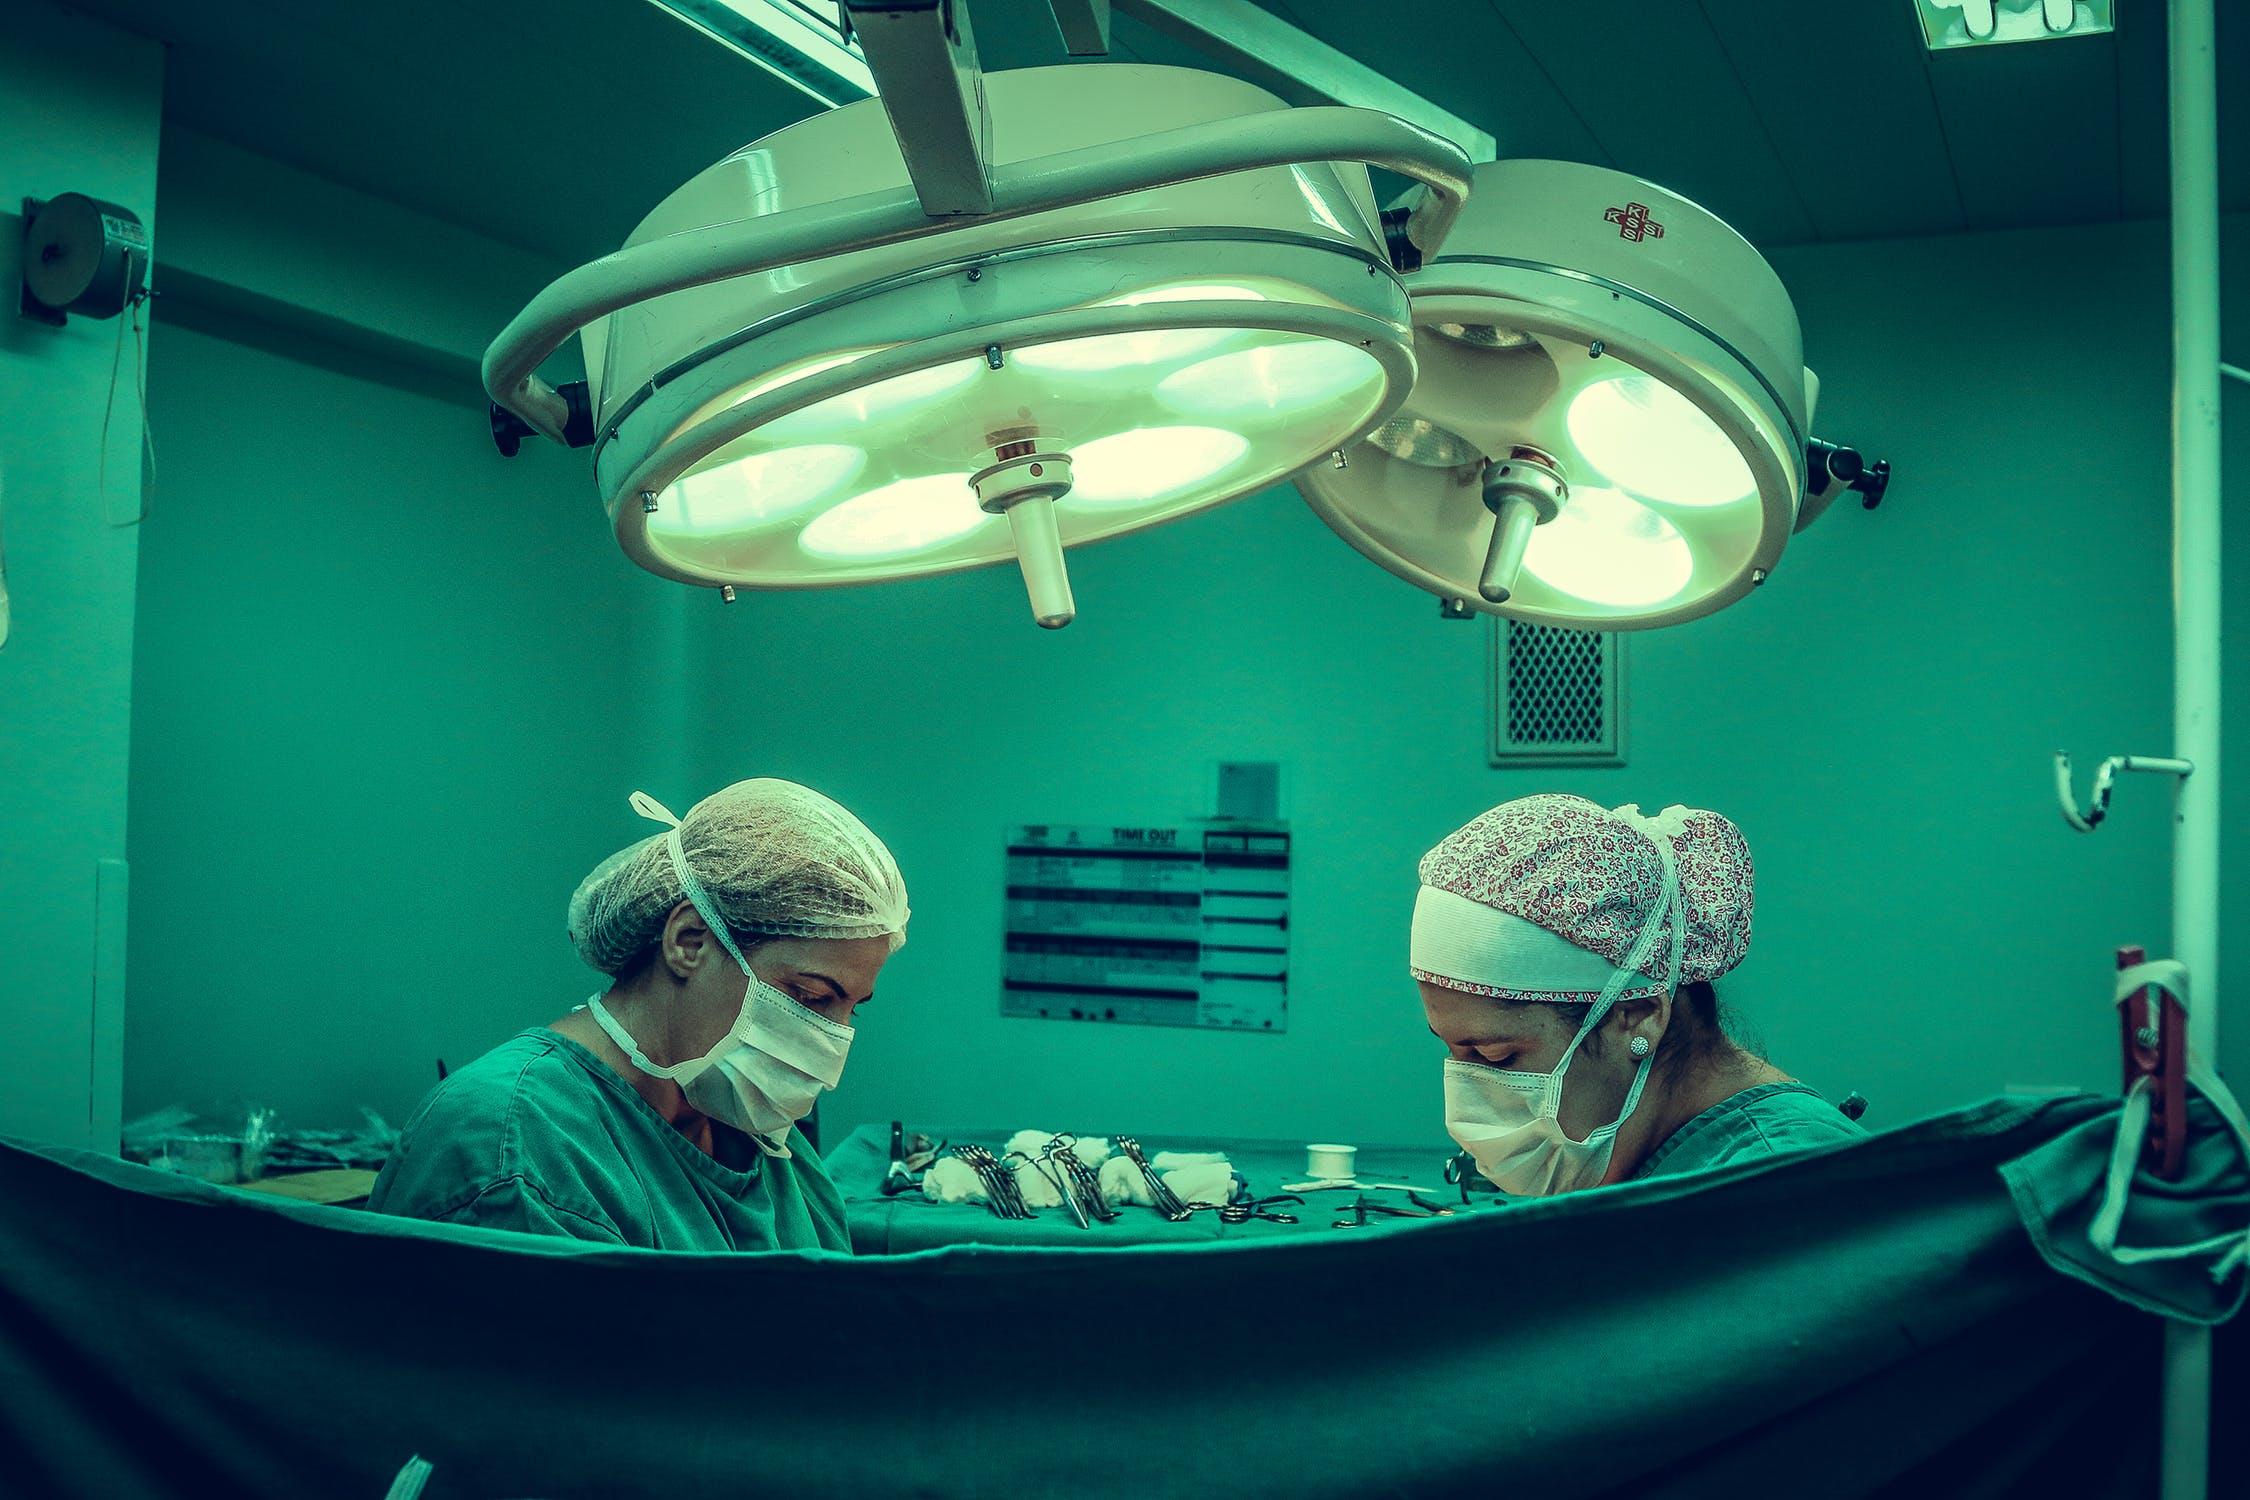 การศัลยกรรม 3 ประเภทต้องระวัง